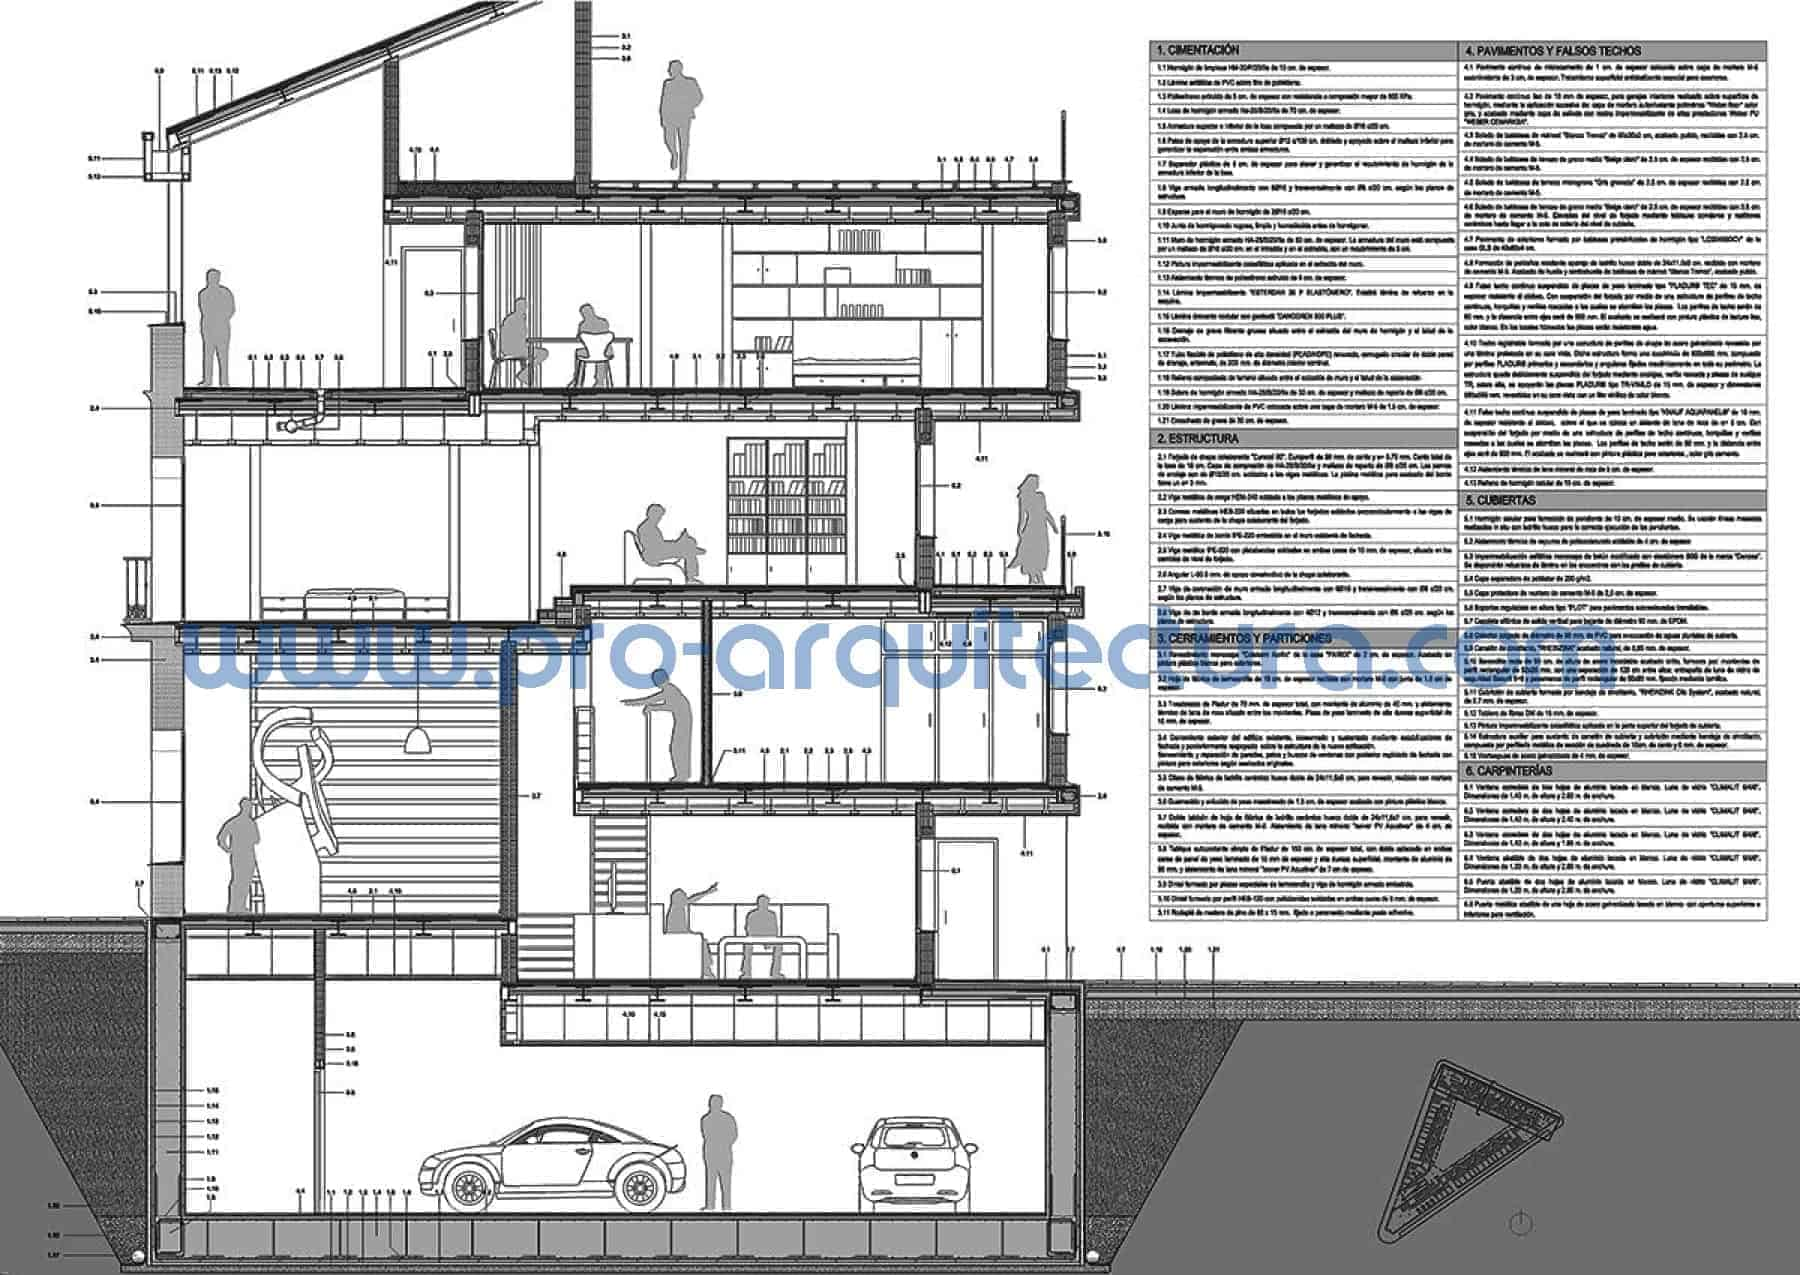 0031-02 Edificio de viviendas - Sección y detalles constructivos - Ayuda con la entrega del pfc pfg tfg tfm de arquitectura.